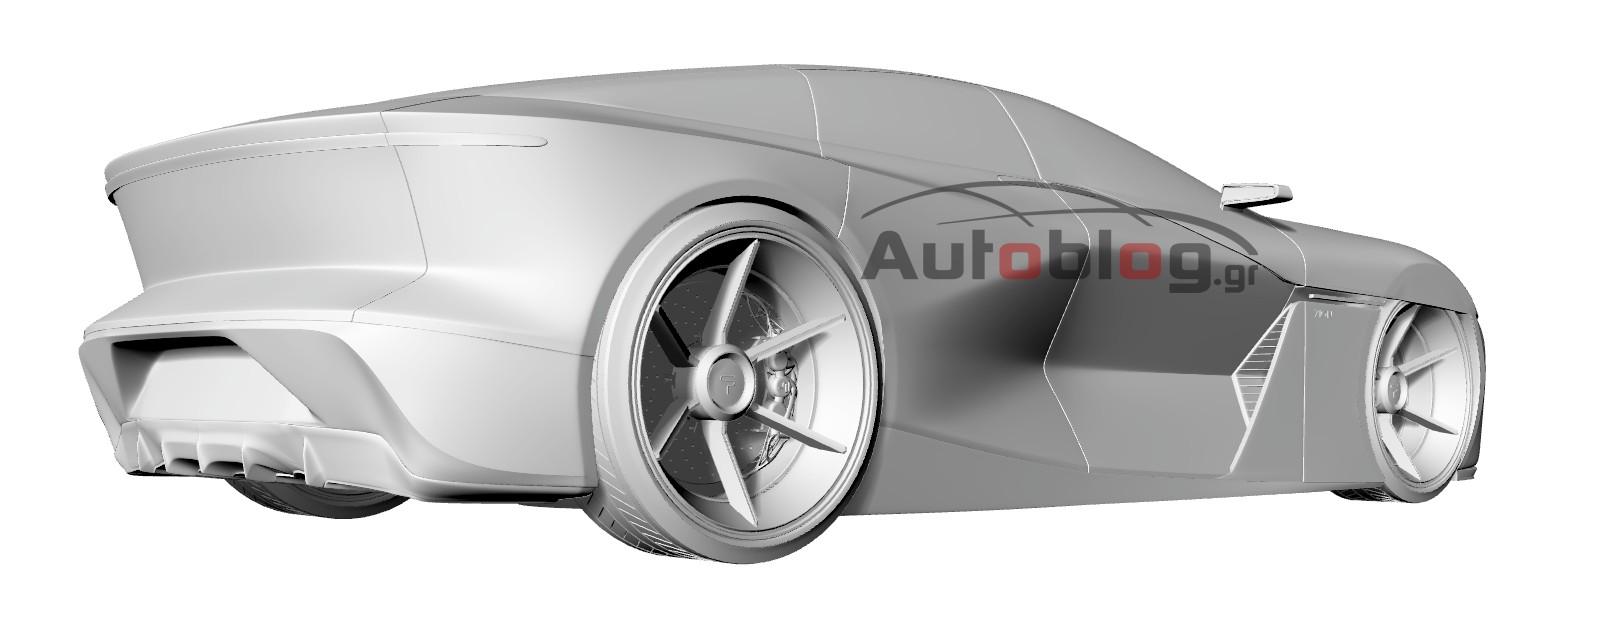 Spyros-Panopolos-SPA-Zion-4dour-coupe-hydrogen-patents-6